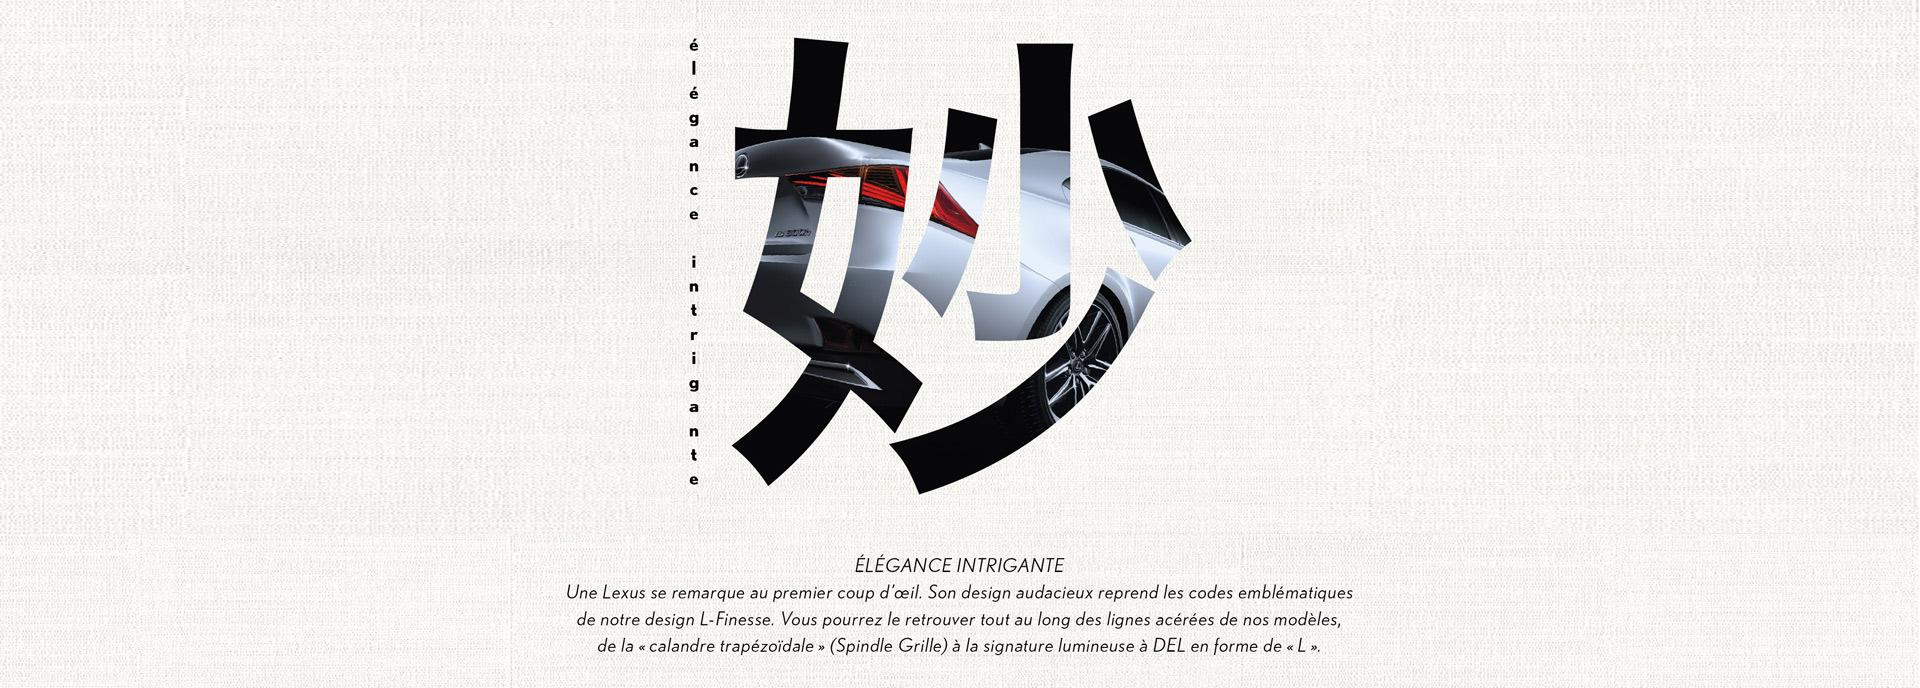 1920x688 Elegance def